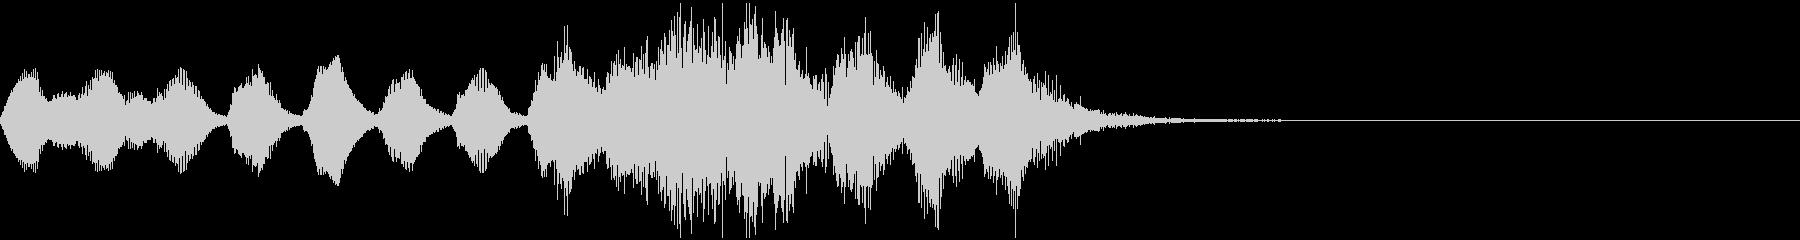 オーケストラの明るくコミカルなジングルの未再生の波形